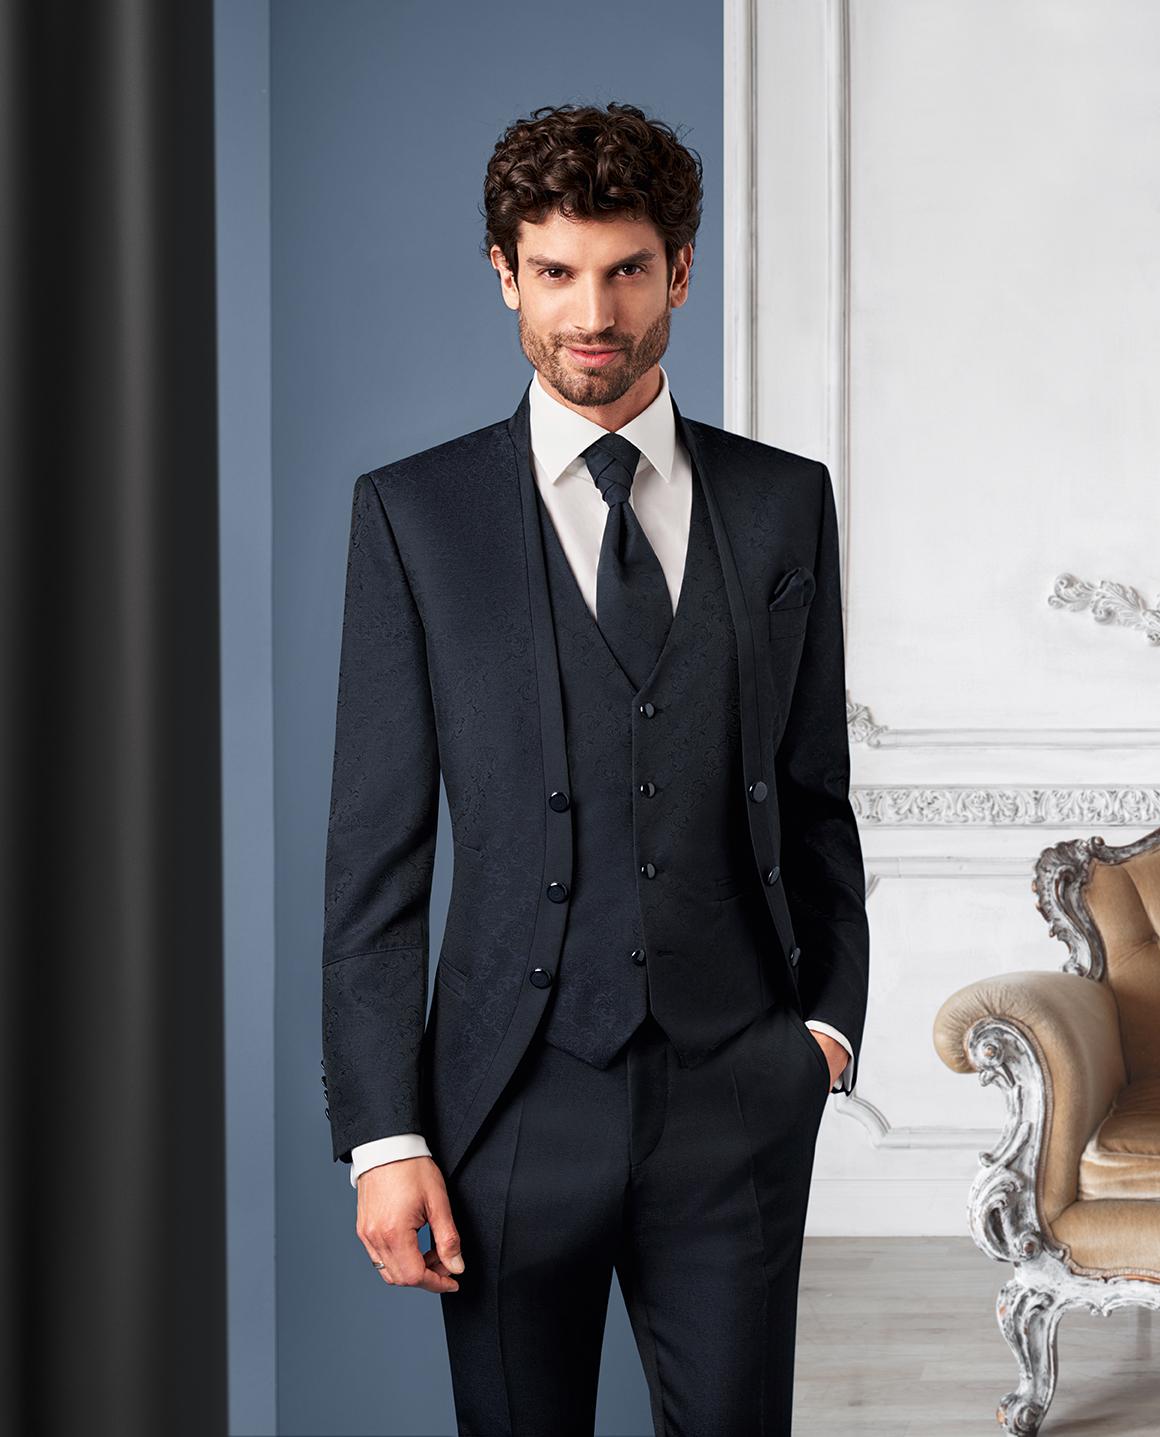 Wilvorst Tziacco Hochzeitsanzug Männer Mode Bräutigam extravagant schwarz gemustert mit Weste schwarz schmaler Stehkragen Jabot